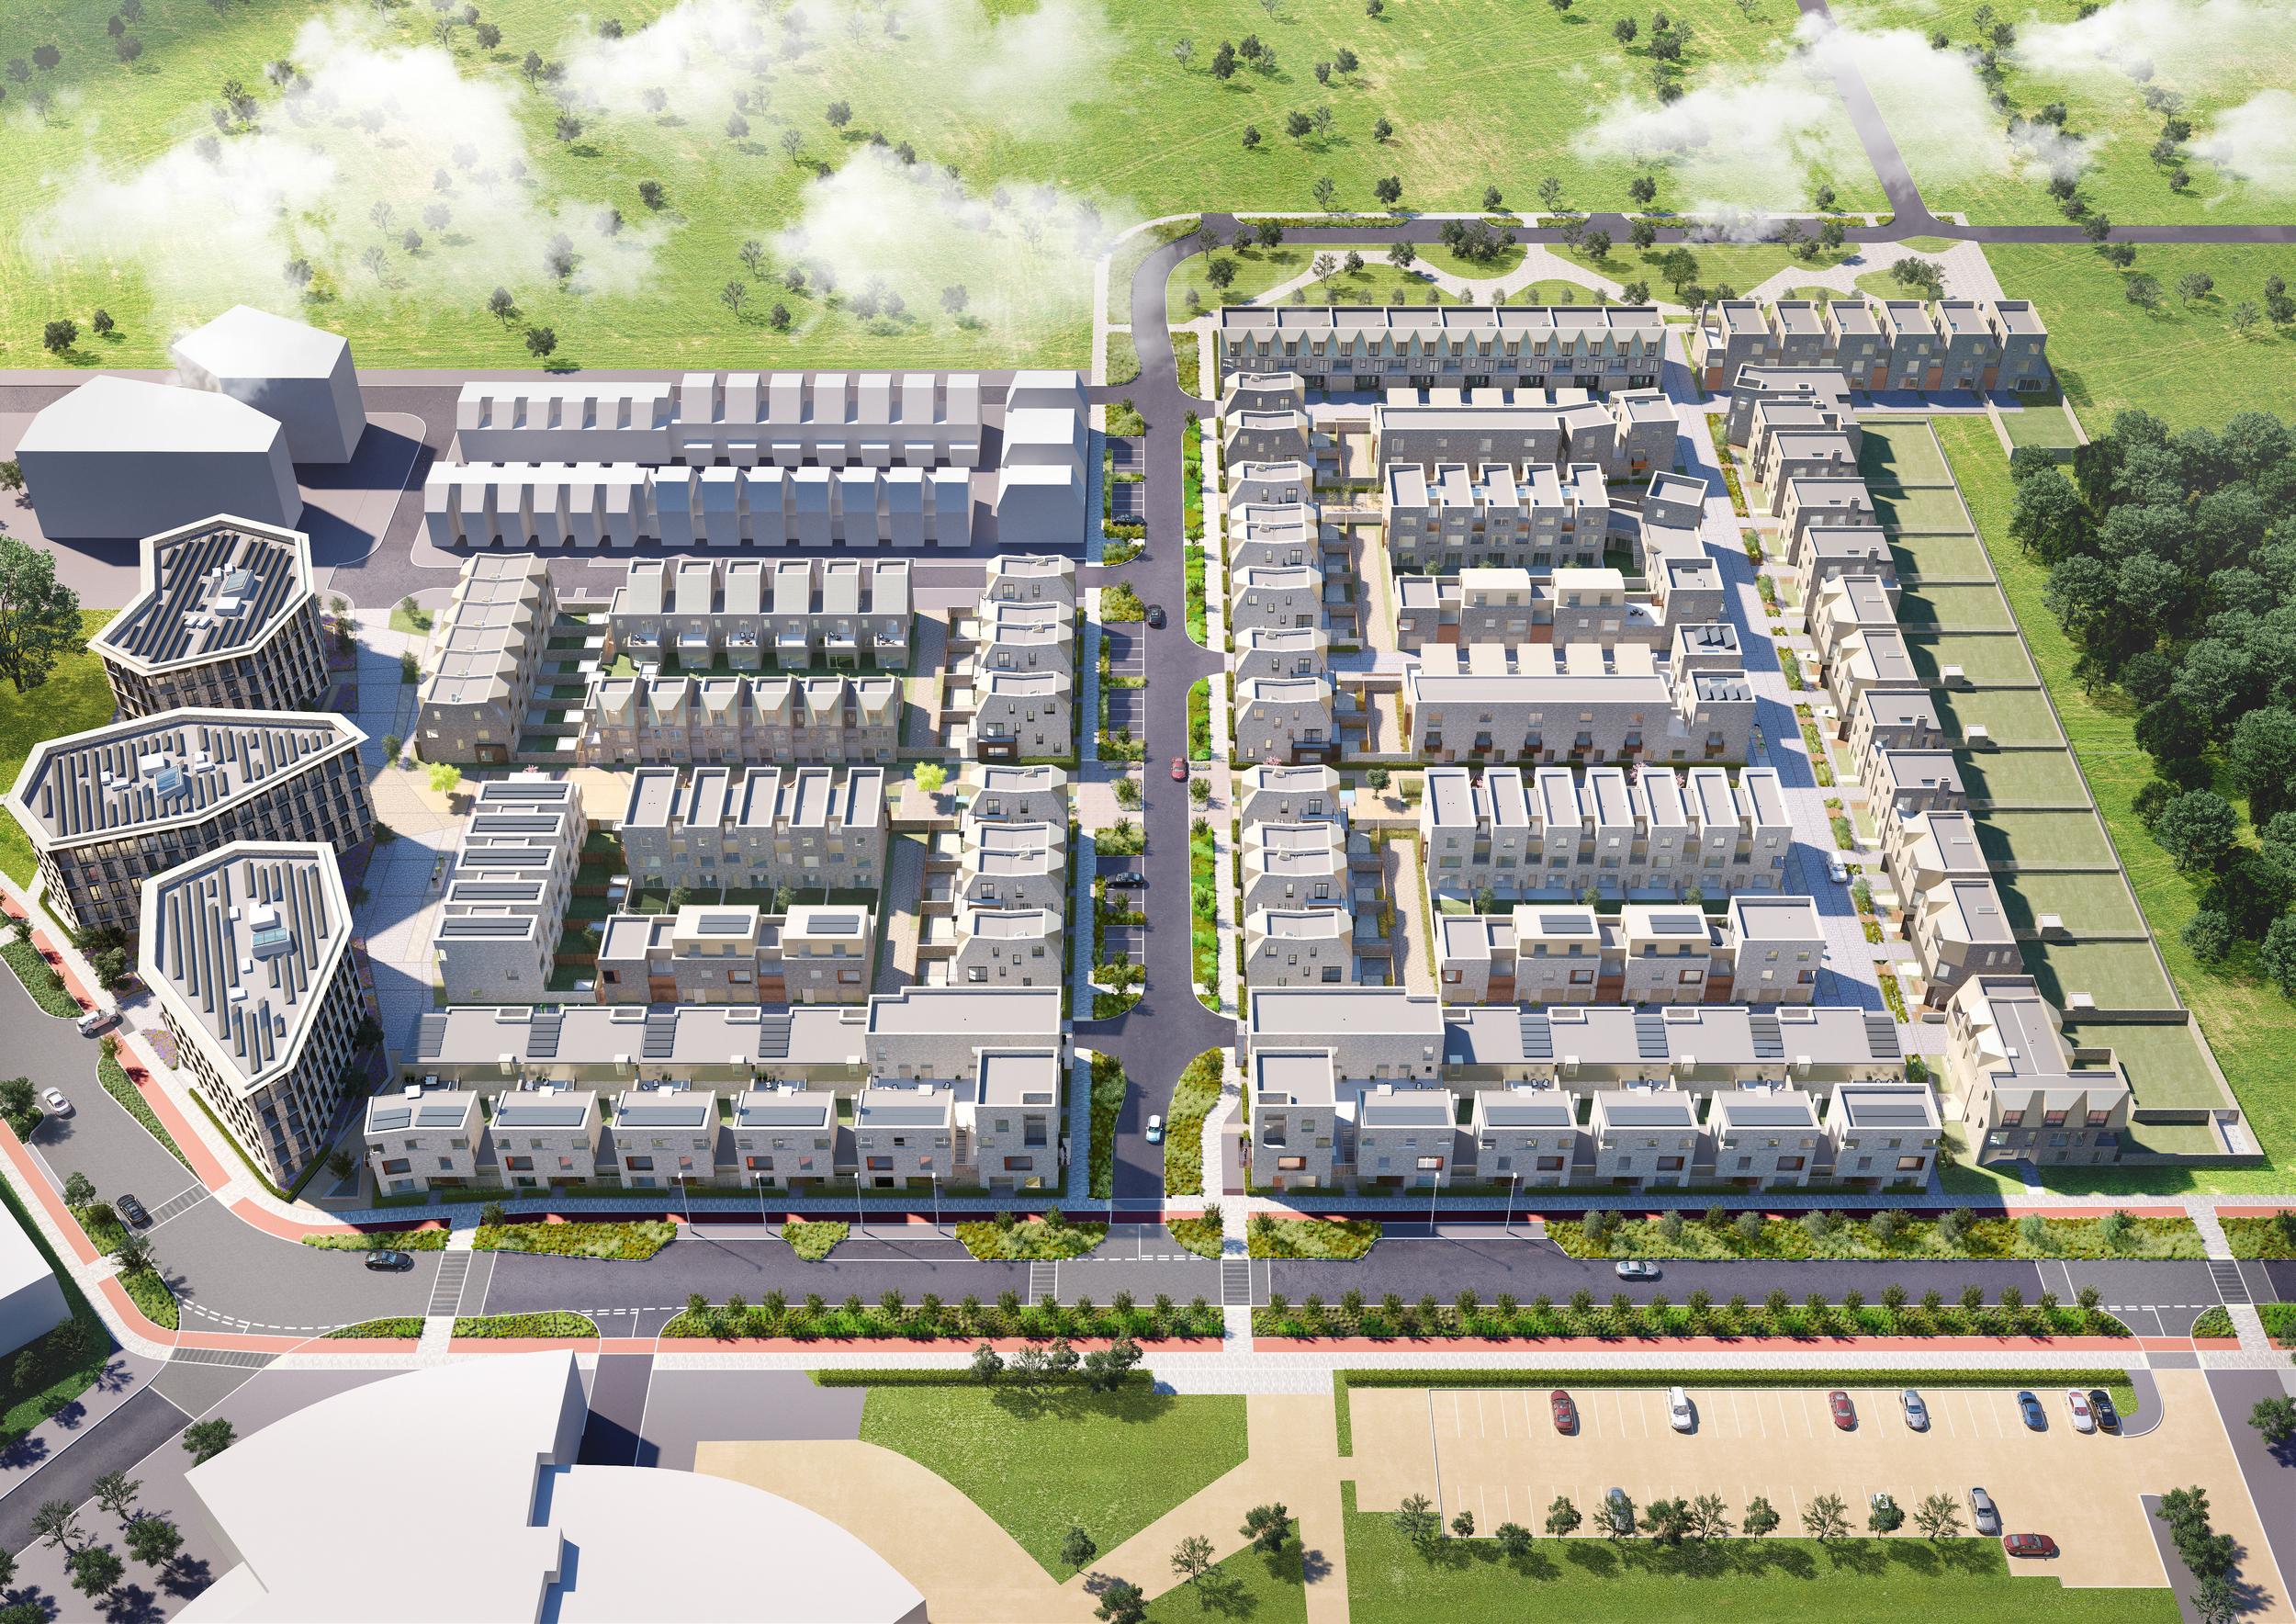 Image credit: Pollard Thomas Edwards and Alison Brooks Architects